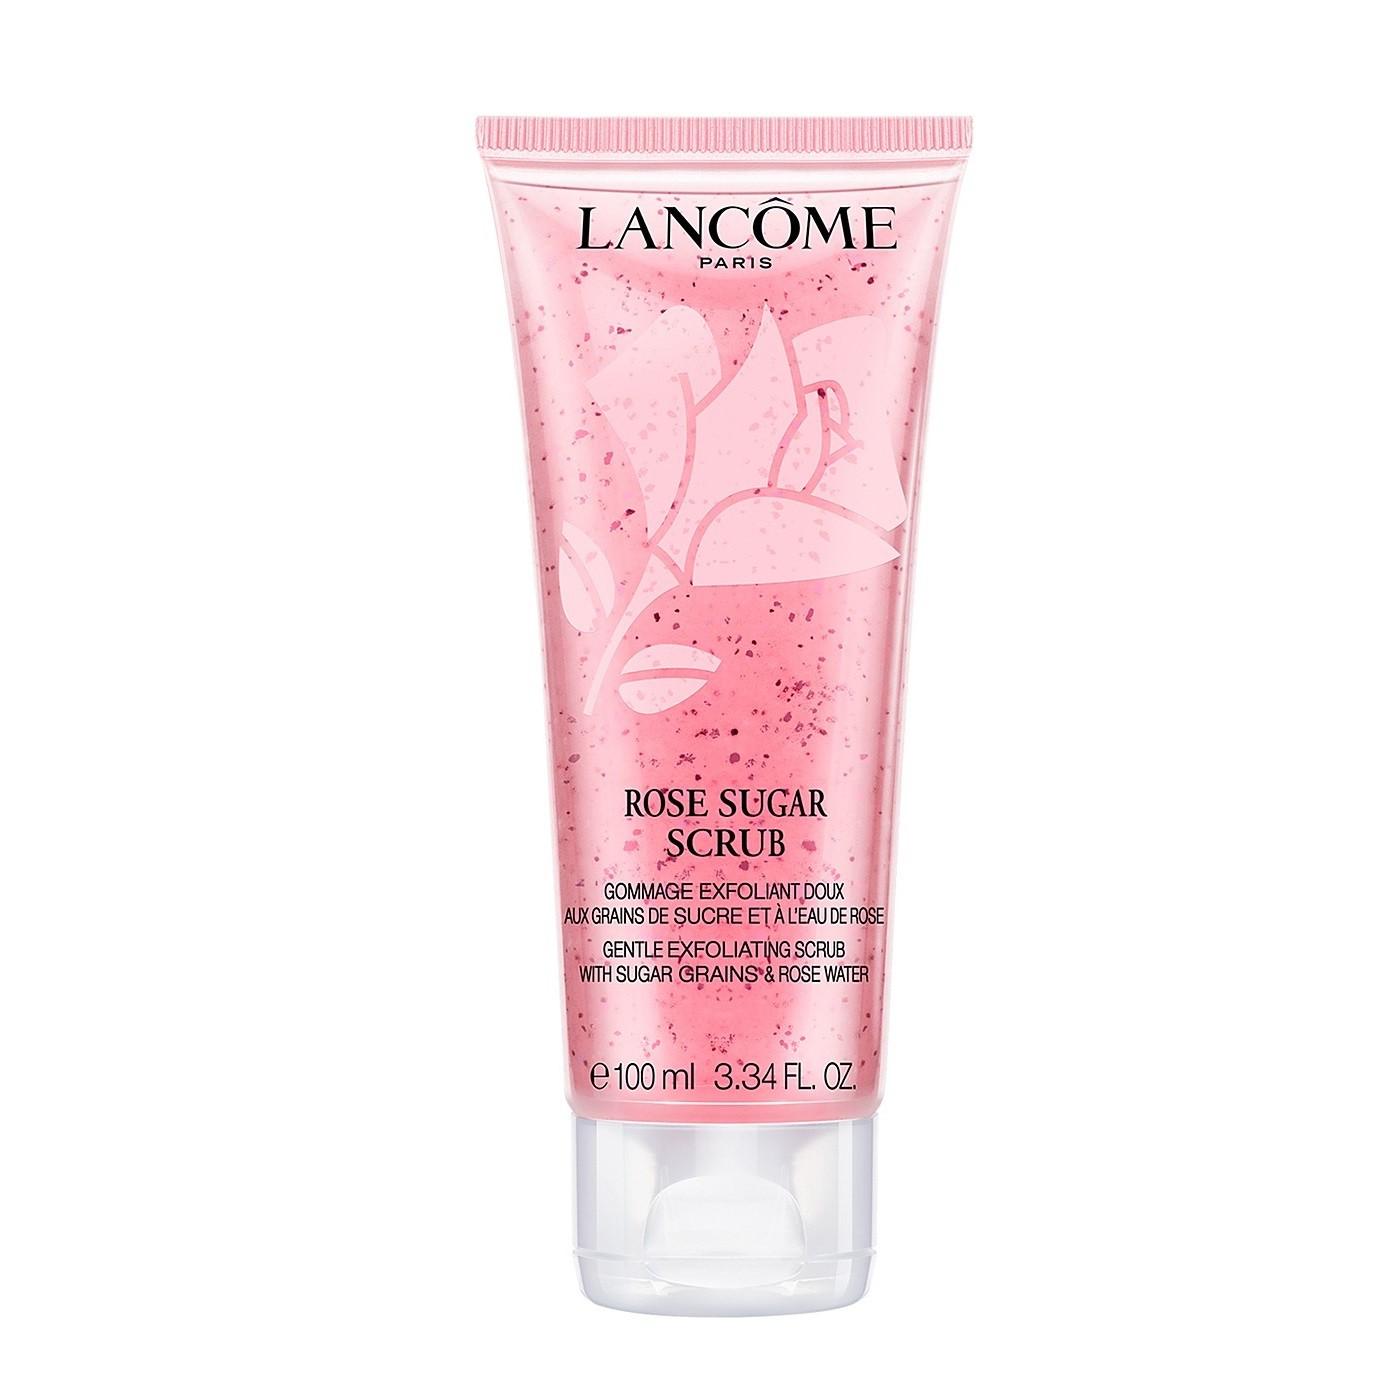 Lancôme mascarilla exfoliante Rose Sugar Scrub  100 ml